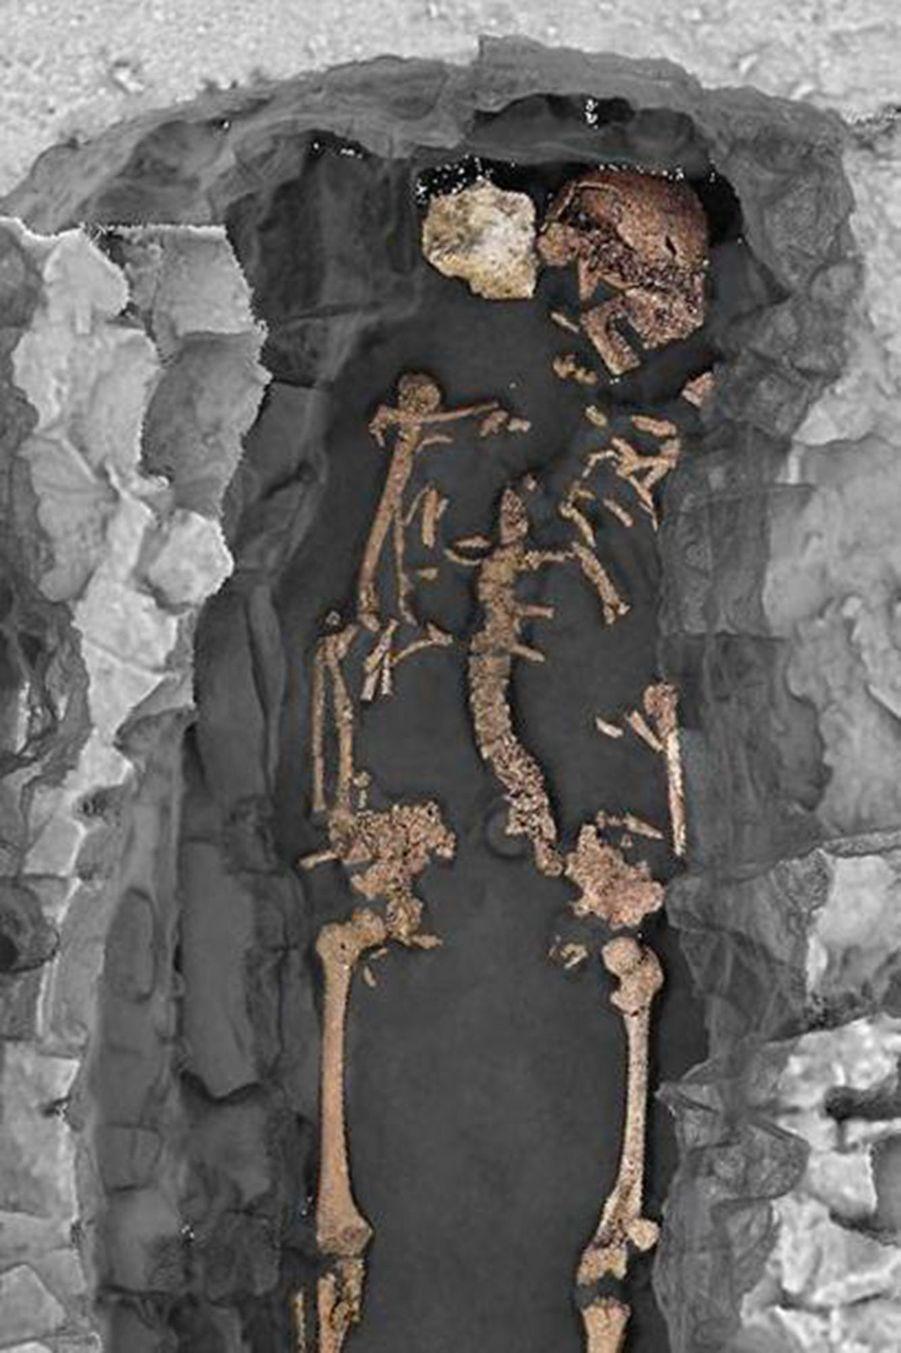 Vue zénithale 3D d'une sépulture individuelle. L'individu est un adulte féminin, inhumé sur le dos avec les membres supérieurs en extension le long du corps et selon une orientation ouest-est. Deux pierres encadrent le crâne. La décomposition du corps s'est effectuée en espace vide.